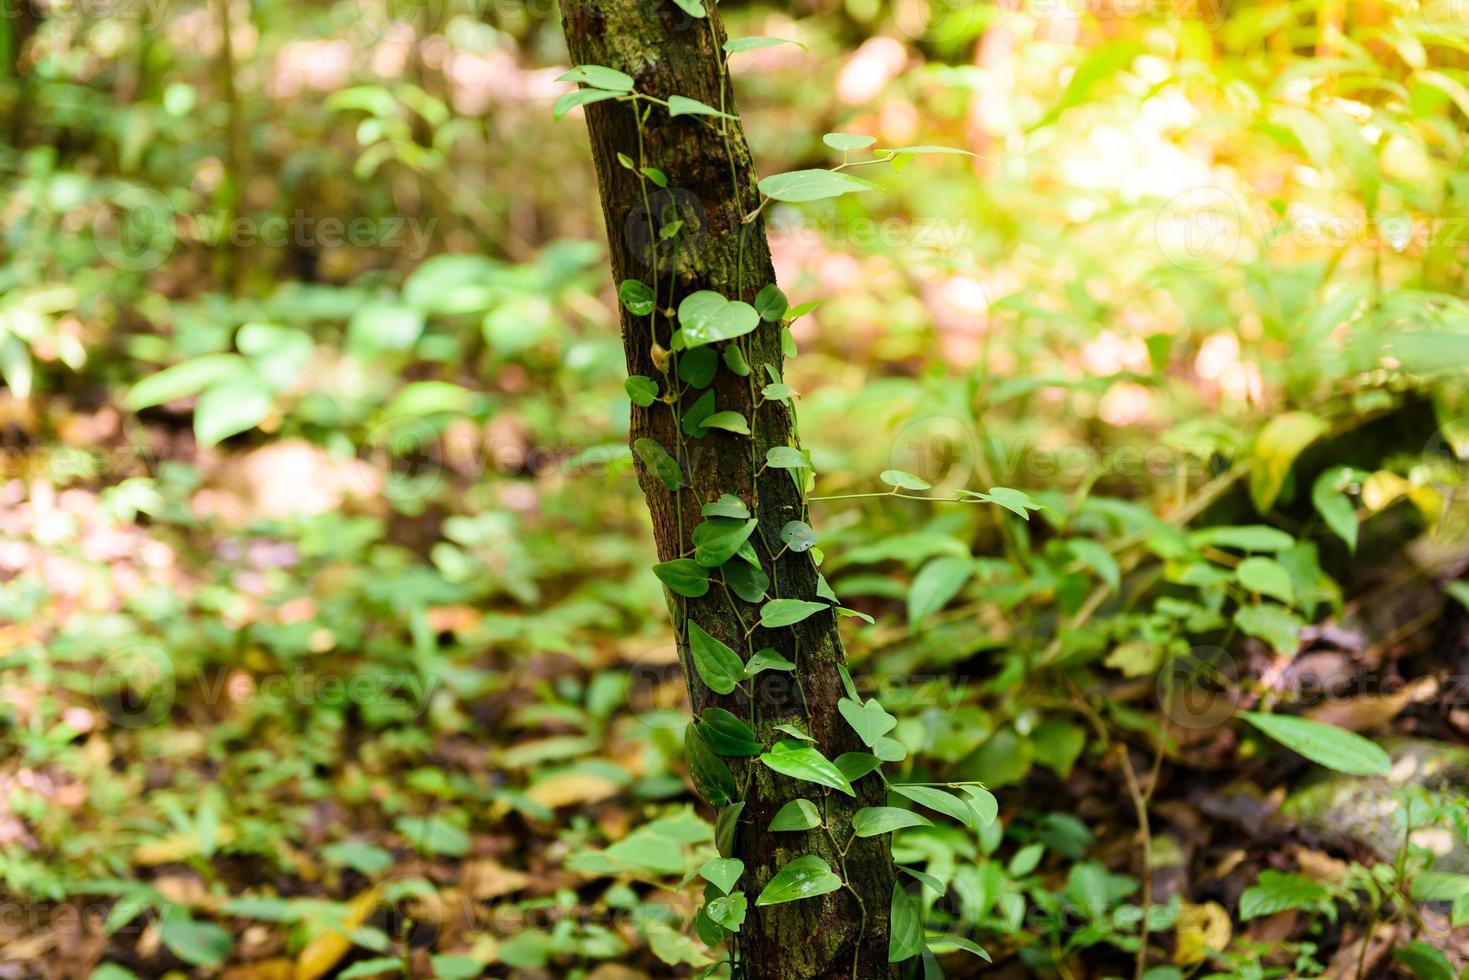 mos verde sull'albero foto